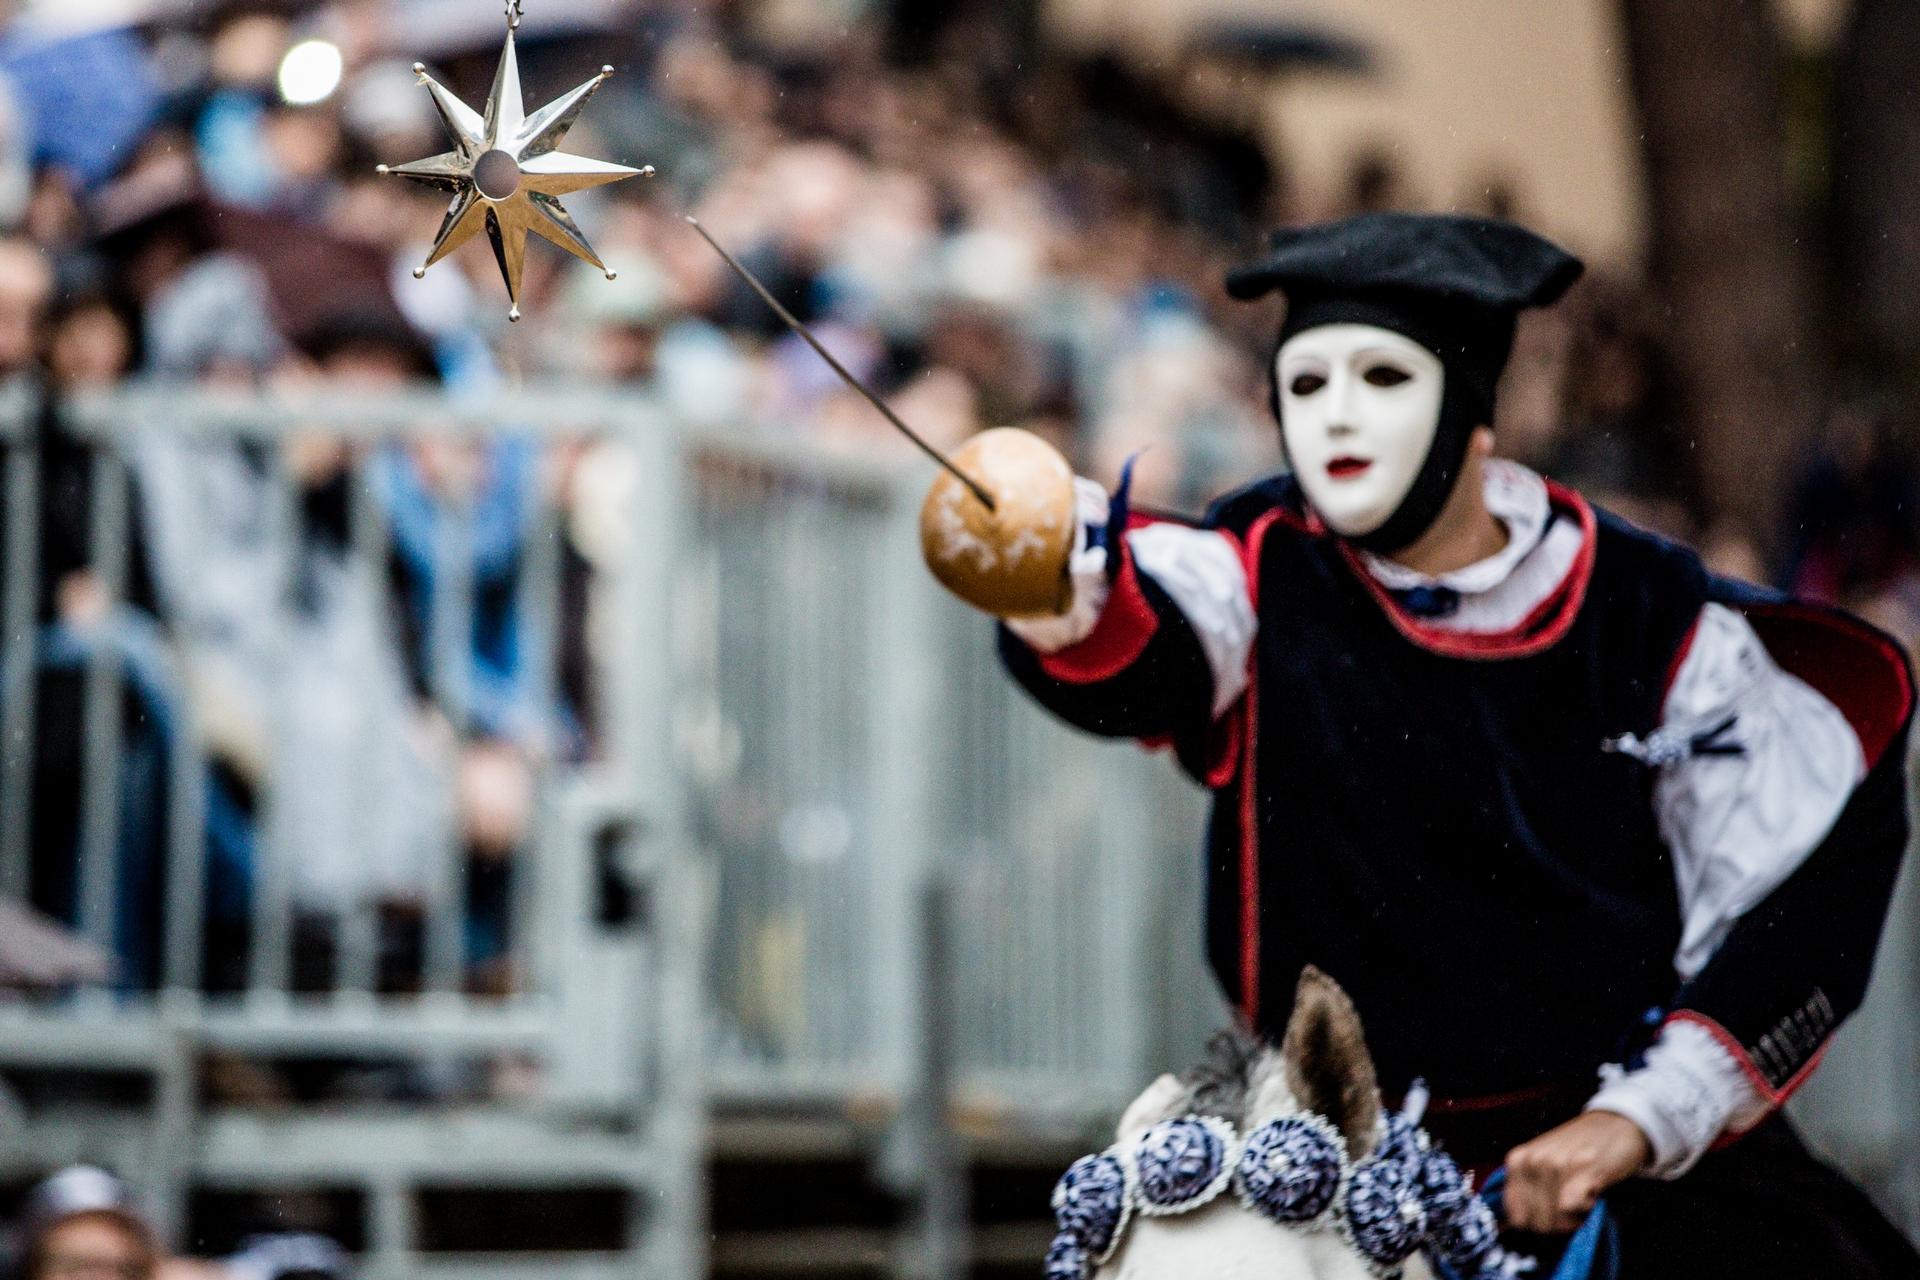 奧里斯塔諾的幸運之星 -能否刺穿星星攸關著奧里斯塔諾的福祉和繁榮。每當有新的騎士上場挑戰時,圍觀者都會屏氣凝神地看著。